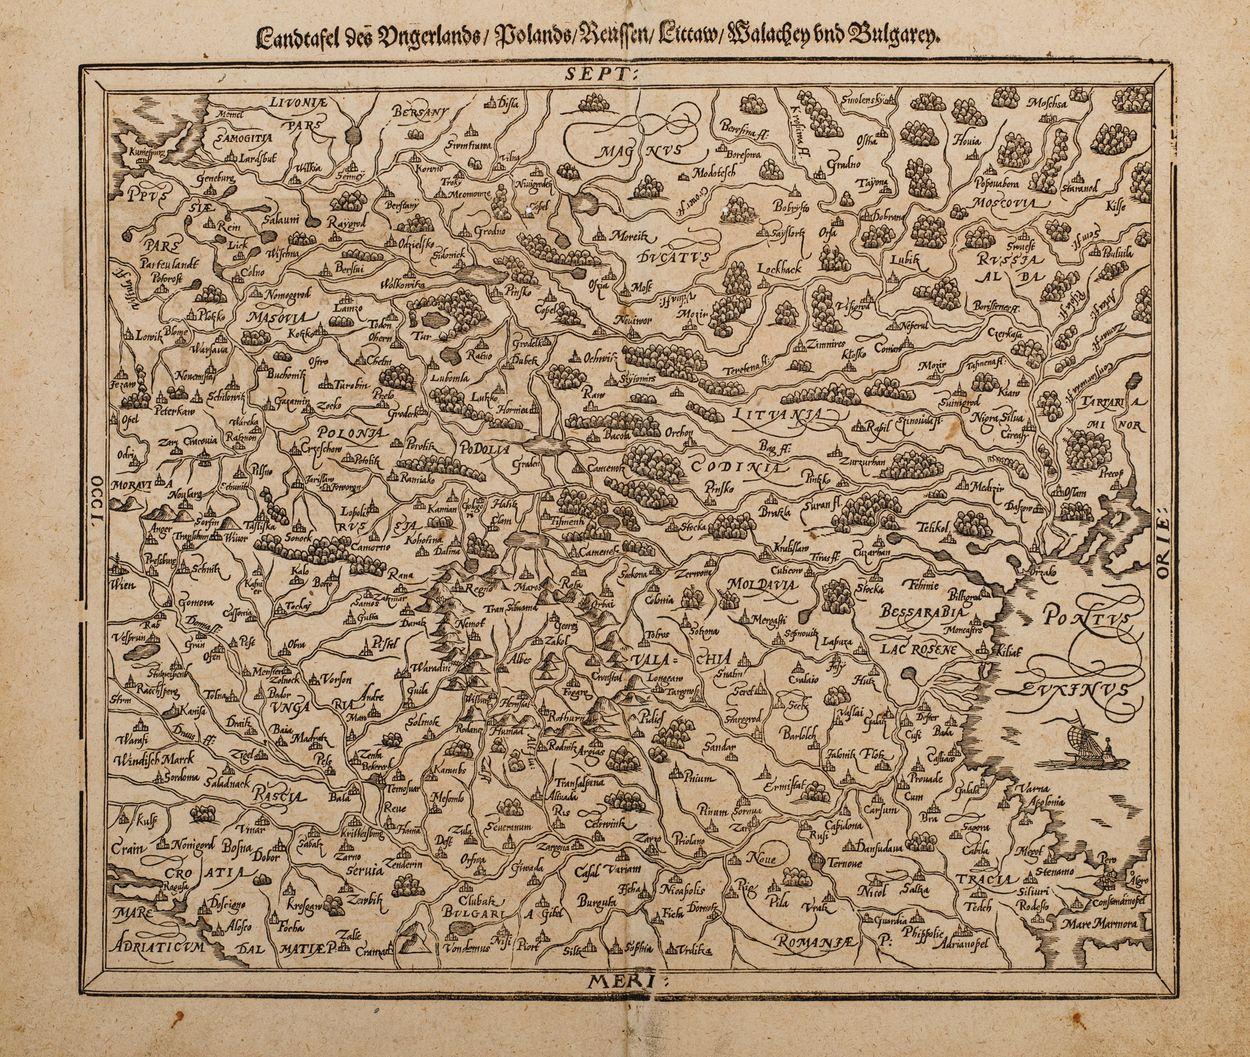 MAPA EUROPY ŚRODKOWO-WSCHODNIEJ